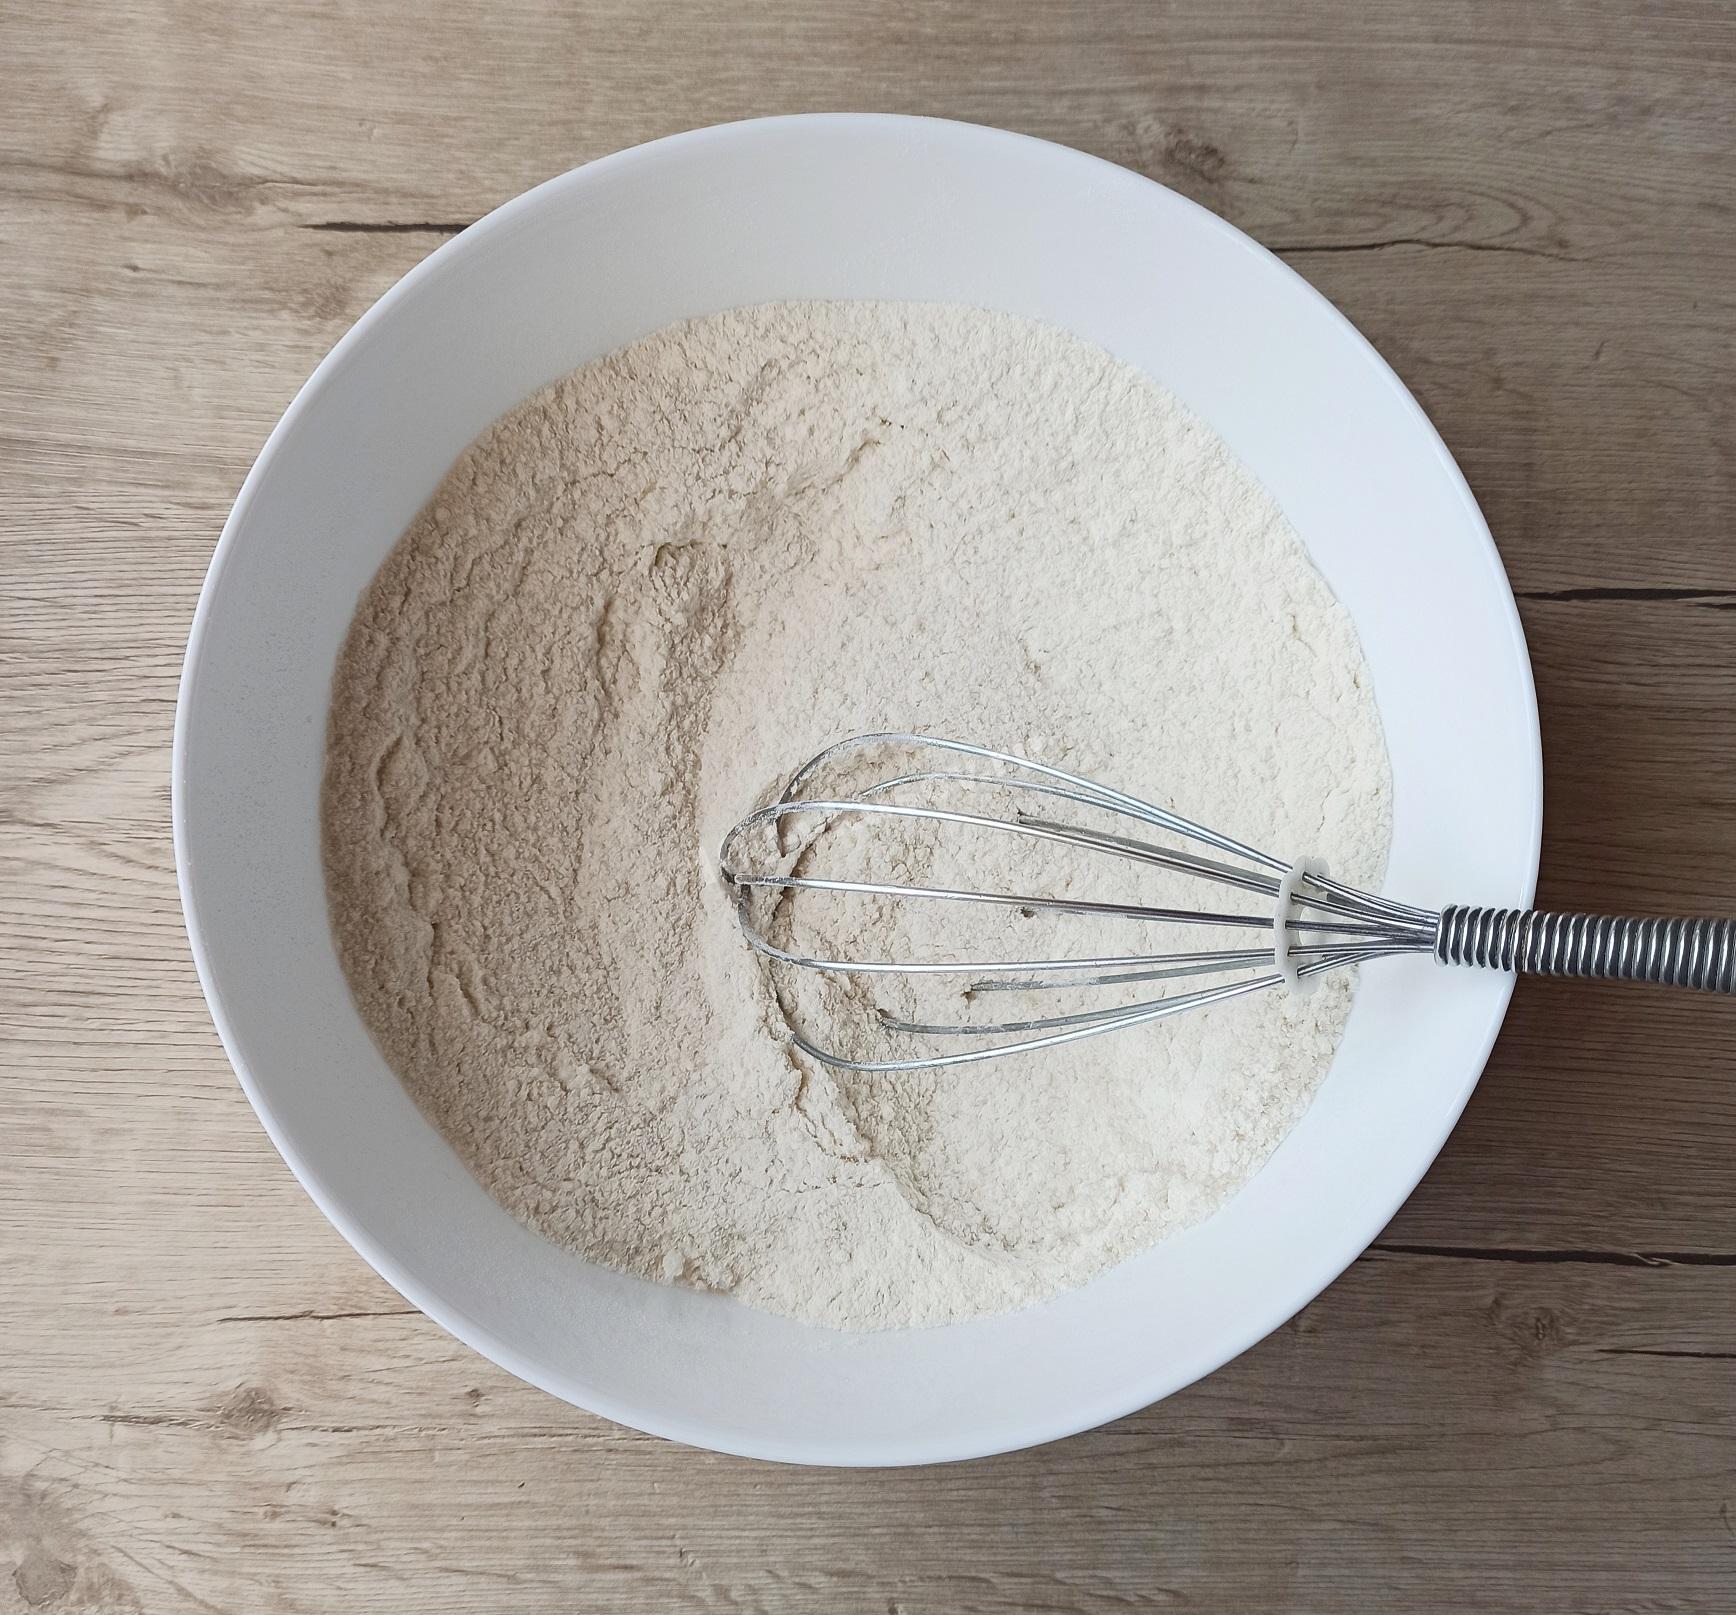 Пирог На Заварке Чая С Вареньем Рецепт - обзор